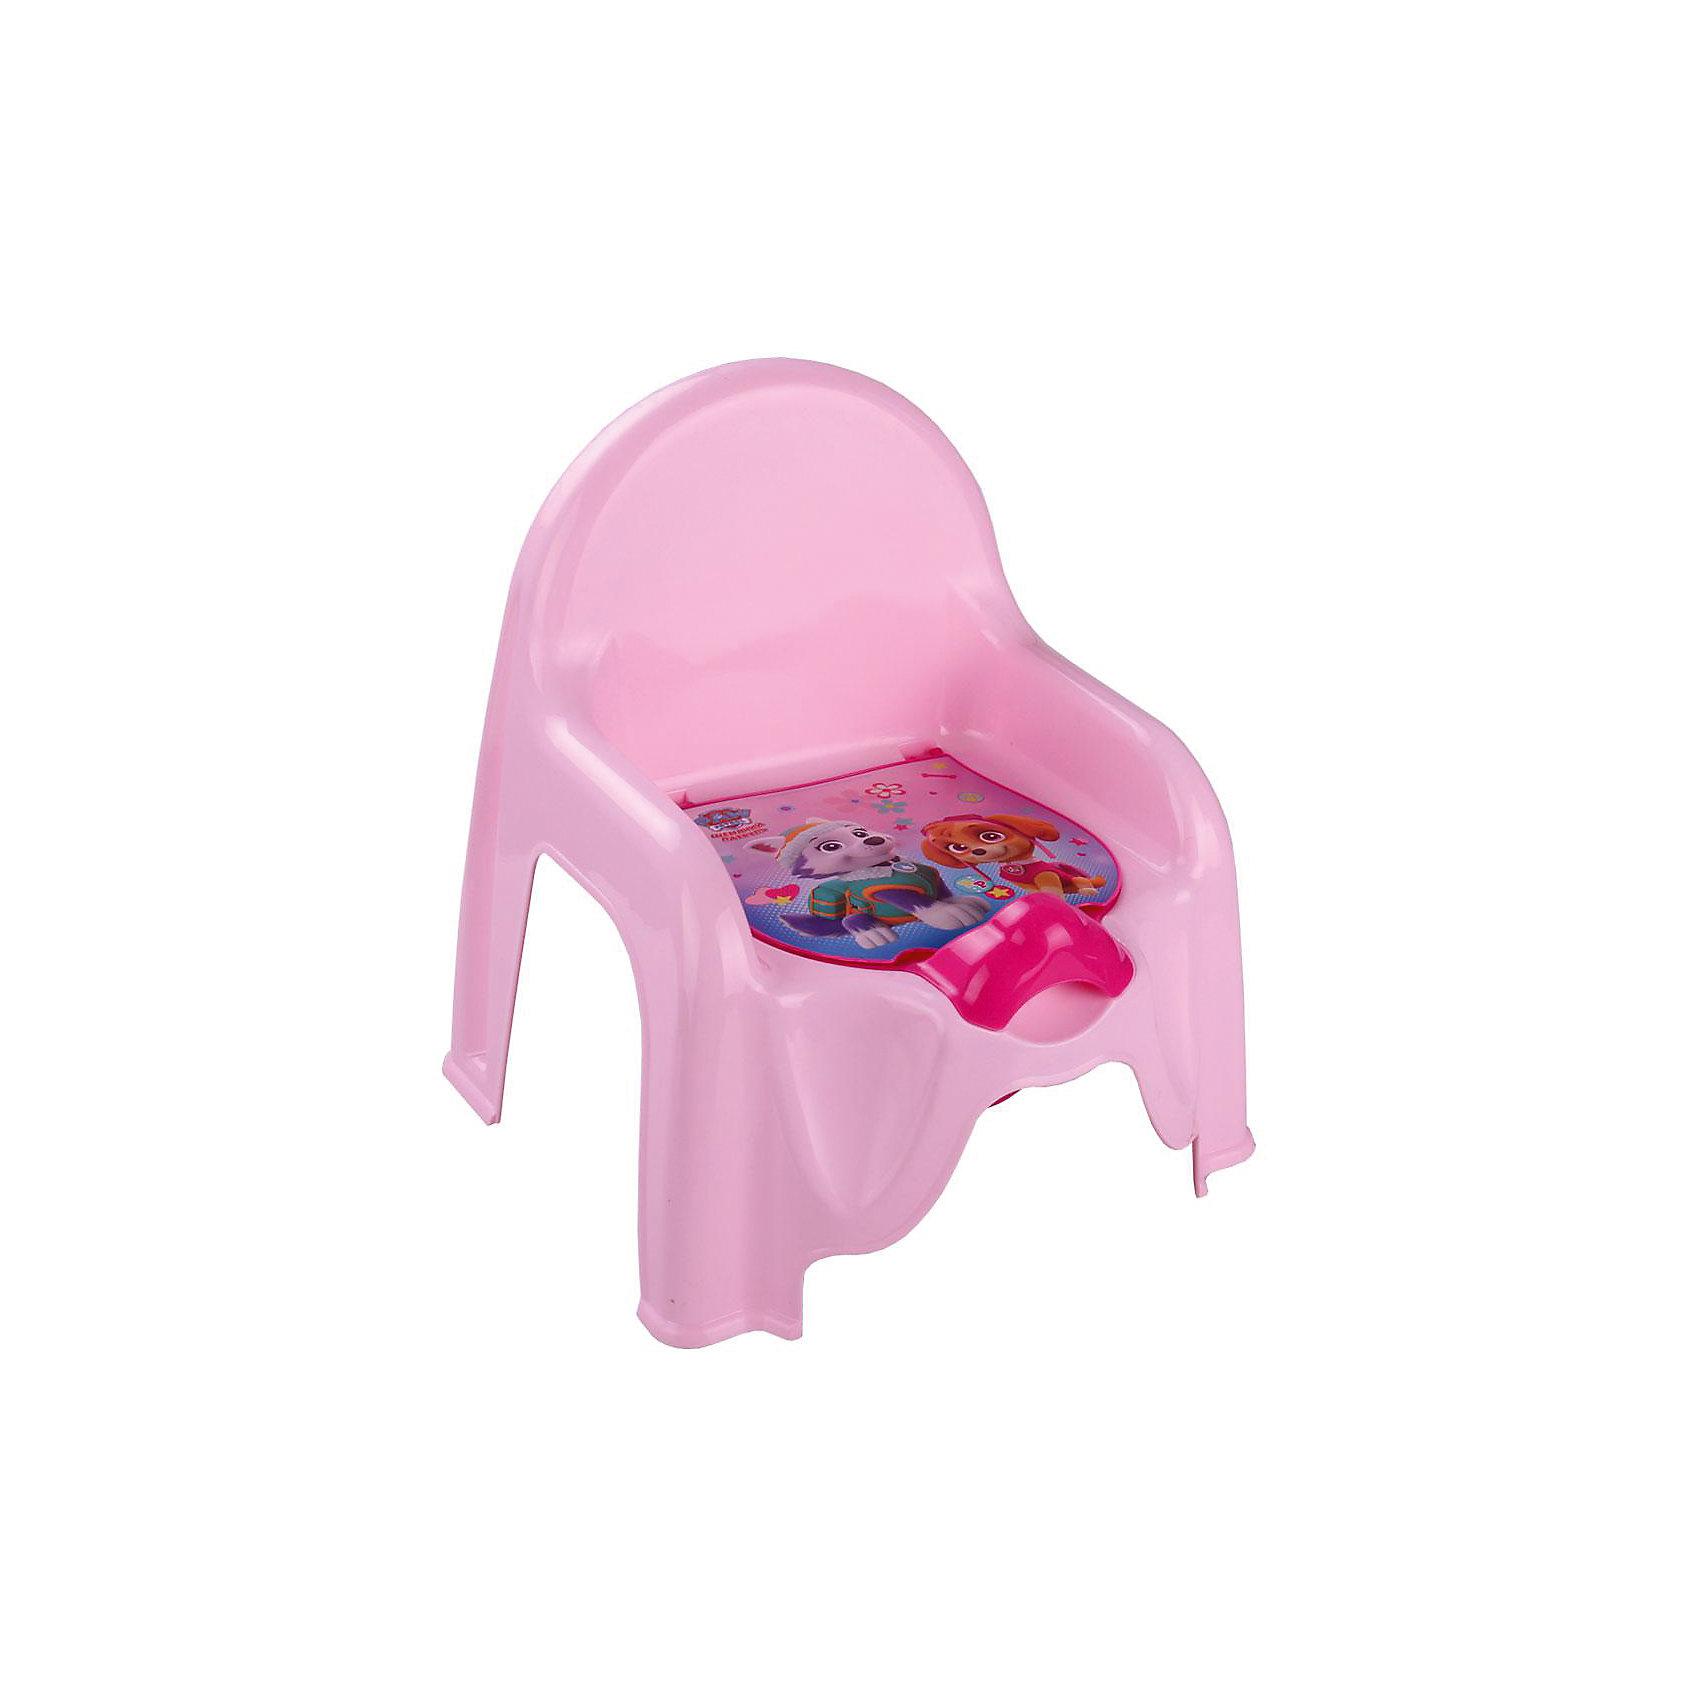 Горшок-стульчик  Щенячий патруль, Alternativa, розовыйГоршки, сиденья для унитаза, стульчики-подставки<br>Горшок-стульчик  Щенячий патруль, Alternativa.<br><br>Характеристики:<br><br>• Для детей в возрасте: от 12 месяцев до 3 лет<br>• Размер: 45,5 х11х22 см.<br>• Материал: пластик<br>• Цвет: розовый<br><br>Устойчивый и удобный горшок-стульчик сделает процесс приучения ребенка к горшку быстрым и комфортным! Горшок-стульчик - это маленький детский стул с отверстием, в которое вставляется горшок. Горшок имеет защиту от брызг и крышку украшенную изображением героинь мультсериала Щенячий патруль. Горшок вынимается и легко моется после использования. Горшок-стульчик выше обычного горшка, поэтому на него проще садиться и вставать. Горшок-стульчик имеет прямую спинку и удобные подлокотники, которые создают дополнительный комфорт малышу. Изготовлен из прочного пластика.<br><br>Горшок-стульчик Щенячий патруль, Alternativa можно купить в нашем интернет-магазине<br><br>Ширина мм: 290<br>Глубина мм: 255<br>Высота мм: 345<br>Вес г: 440<br>Возраст от месяцев: 12<br>Возраст до месяцев: 36<br>Пол: Женский<br>Возраст: Детский<br>SKU: 5614404